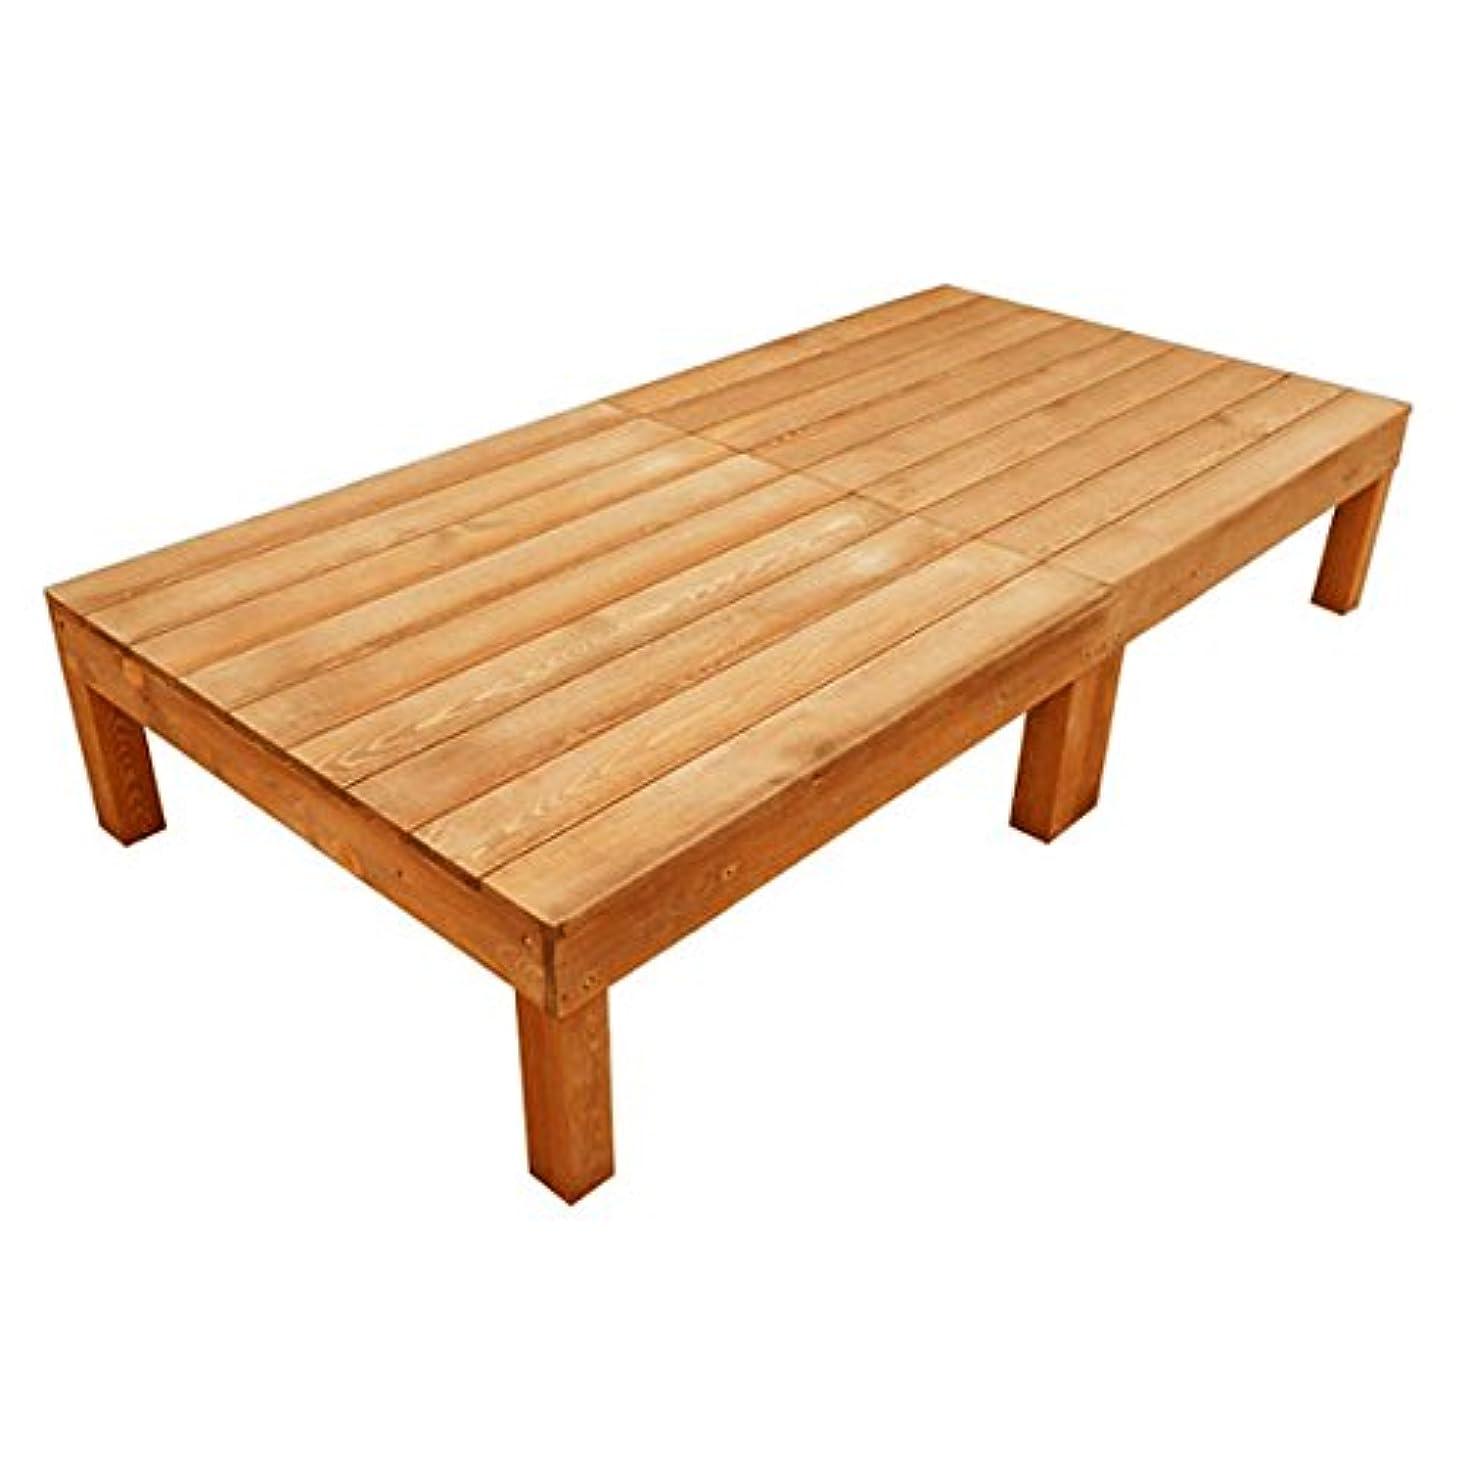 カレッジ選択する重要性igarden アイガーデン ウッドデッキ2点セット ブラウン アイガーデンオリジナル天然木製ウッドデッキ、ウッドデッキセット、木製デッキ、縁台